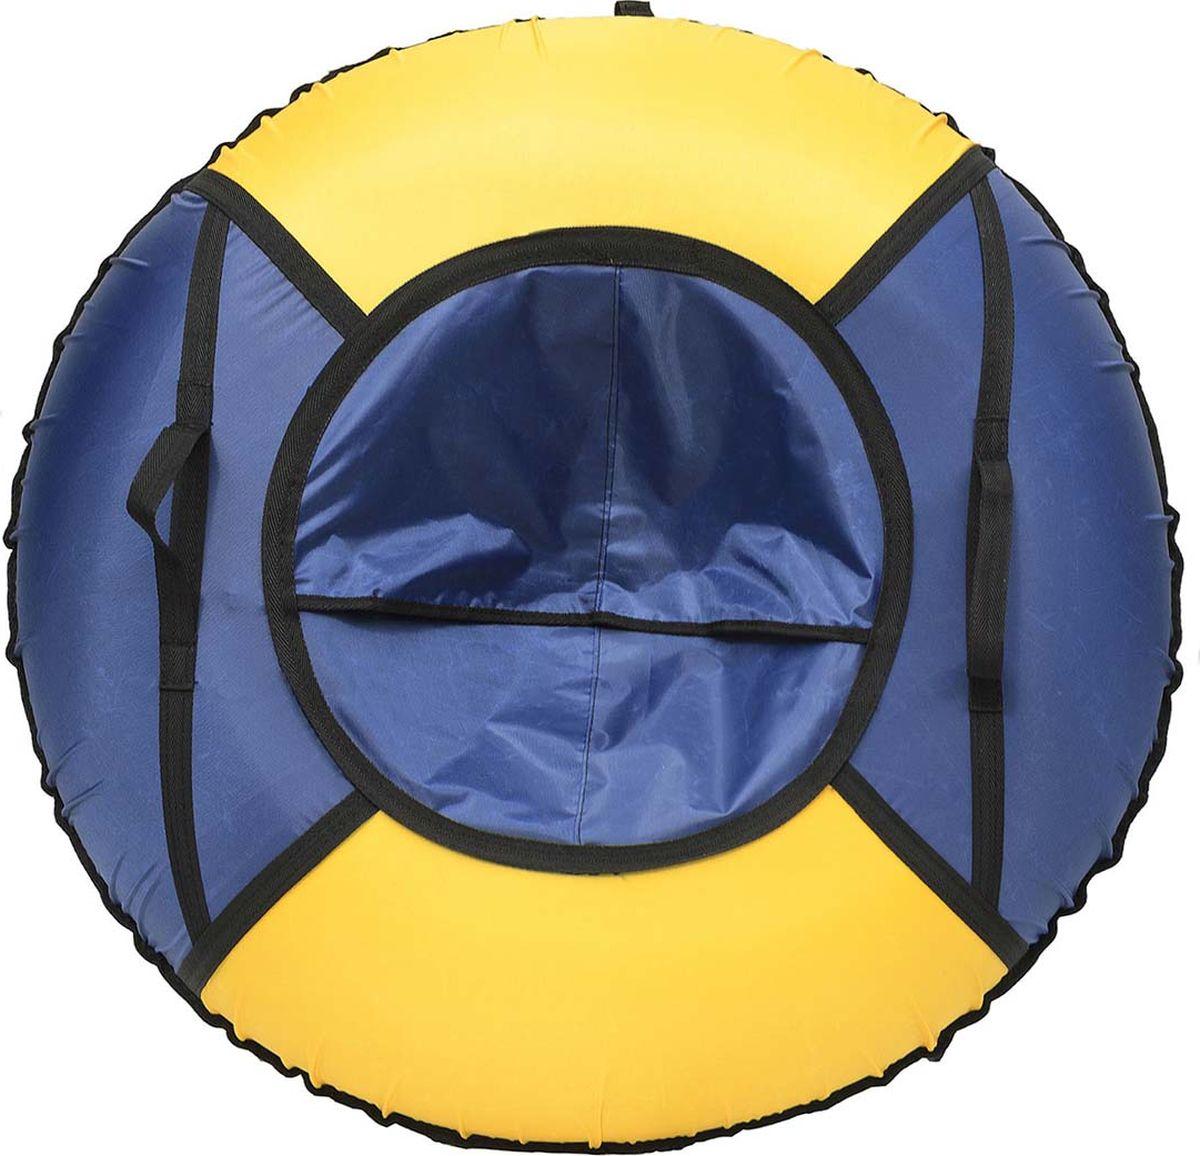 Тюбинг Эх, Прокачу! Эконом-4, цвет: синий, желтый, диаметр 70 смСЭ70-4-2Любимая детская зимняя забава - это кататься с горки. А катание на тюбинге Эх, Прокачу! Эконом-4 надолго запомнится вам и вашим близким. Свежий воздух, веселая компания, веселые развлечения - эти моменты вы будете вспоминать еще долгое время. Специальные материалы и уникальная конструкция днища превосходно скользят, даже если снега совсем немного. Высокая прочность позволит весело проводить время детям и взрослым, не заботясь о поломках. Модель очень вместительная, возможность соскальзывания практически исключена.Особенности: Материал дна - ткань ПВХ, плотность 630 г/м2.Материал верха - ткань Oxford, плотность 420 г/м2. Диаметр в надутом виде - 70 см.Морозоустойчивость - до -45 градусов.Камера российского производства, буксировочный ремень. Тюбинг не предназначен для буксировки механическими или транспортными средствами (подъемники, канатные дороги, лебедки, автомобиль, снегоход, квадроцикл и т.д.).Допускается деформация формы санок из-за неравномерности надувания камеры.